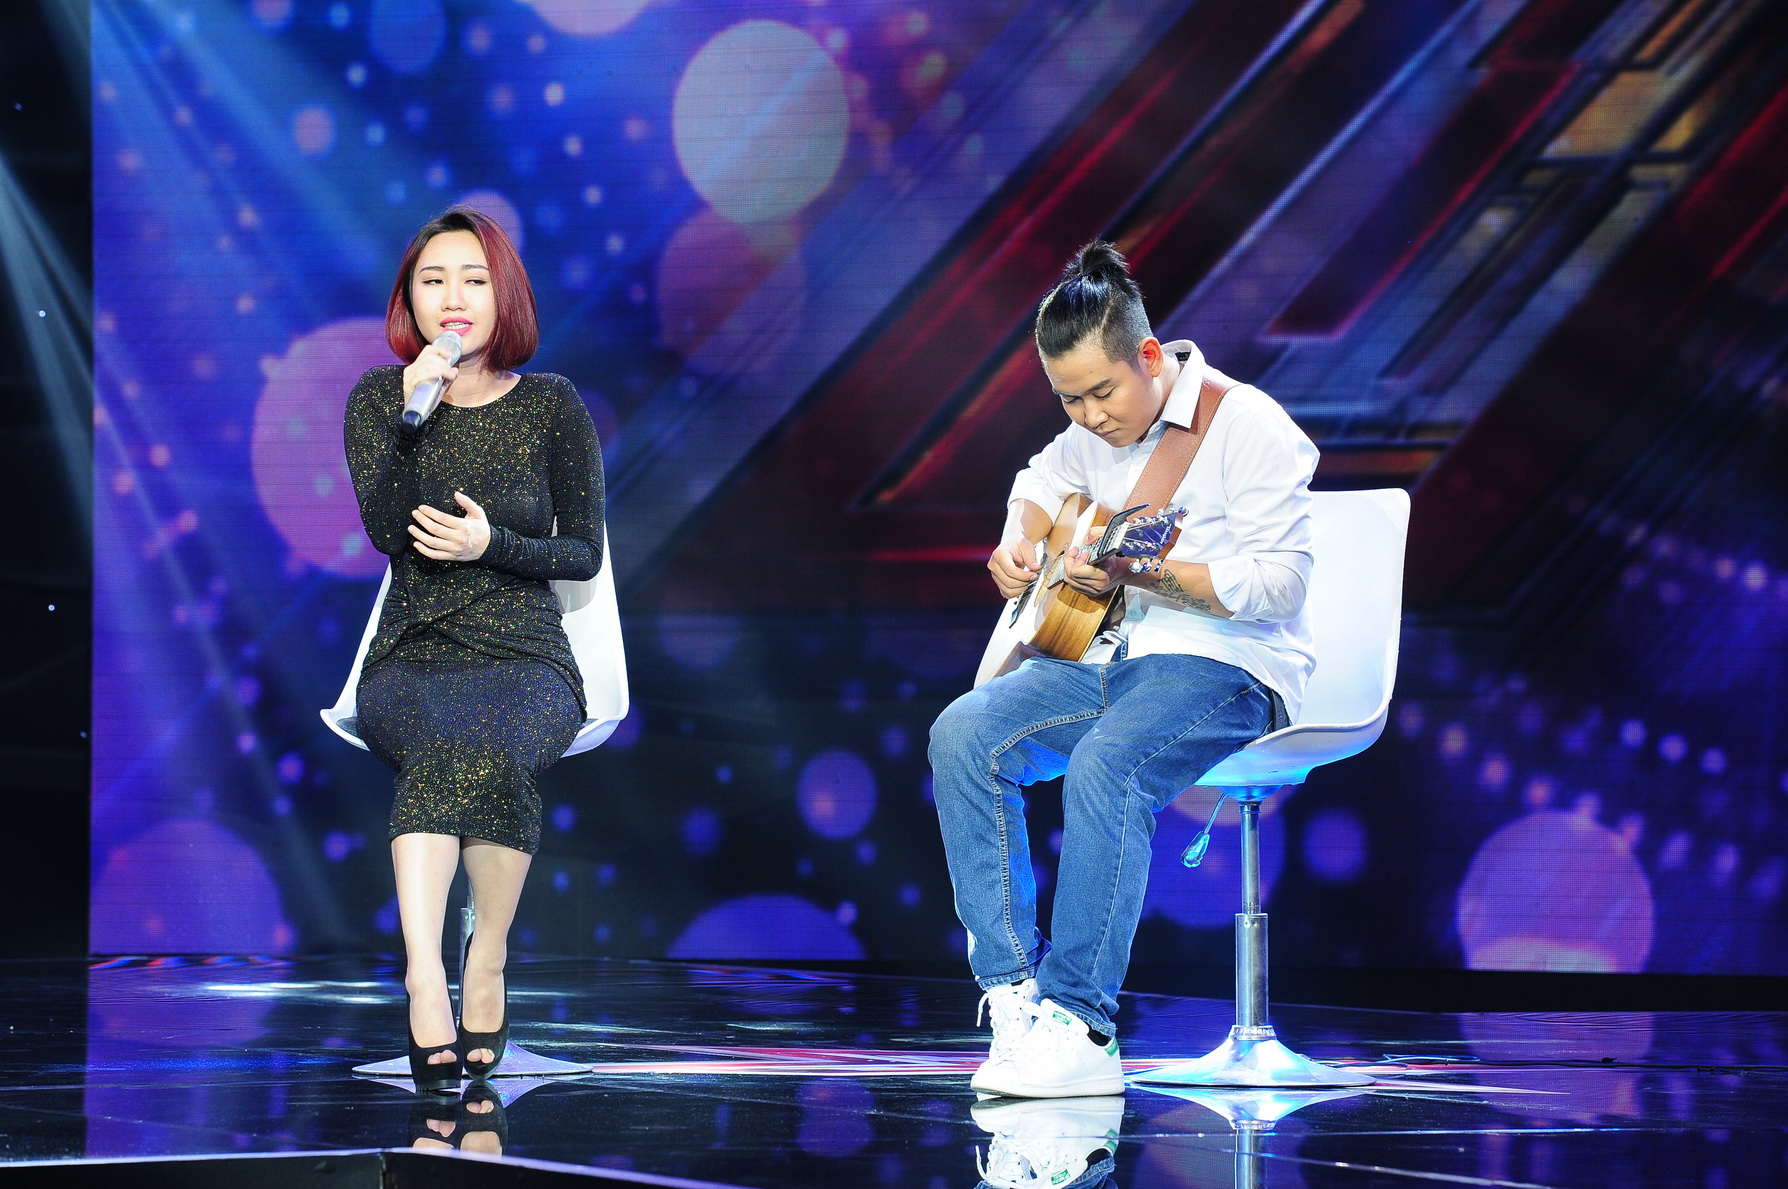 Cô nàng Thái Vân Như dự thi ca khúc Tears In Heaven với giọng hát tiềm năng cùng phong thái biểu diễn tự tin.